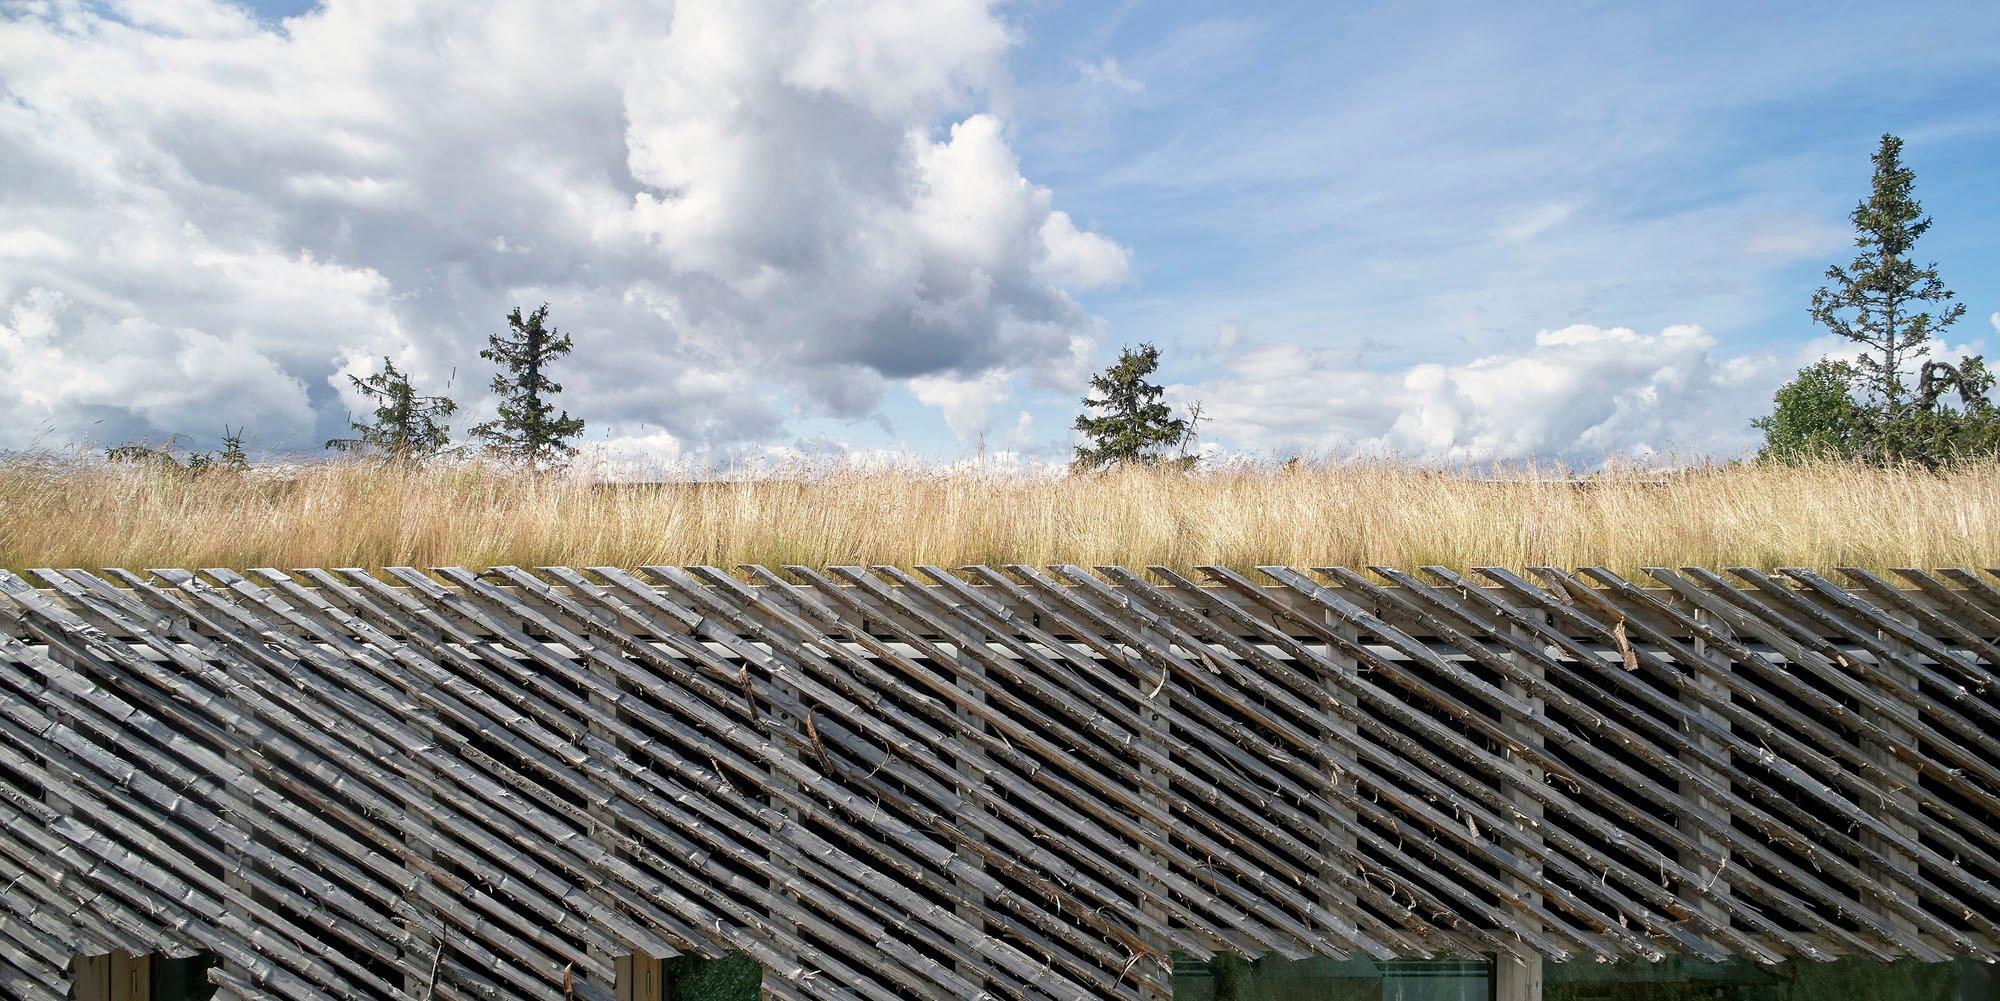 Das Dach ist mit denselben Gräsern bewachsen wie das Grundstück selbst.